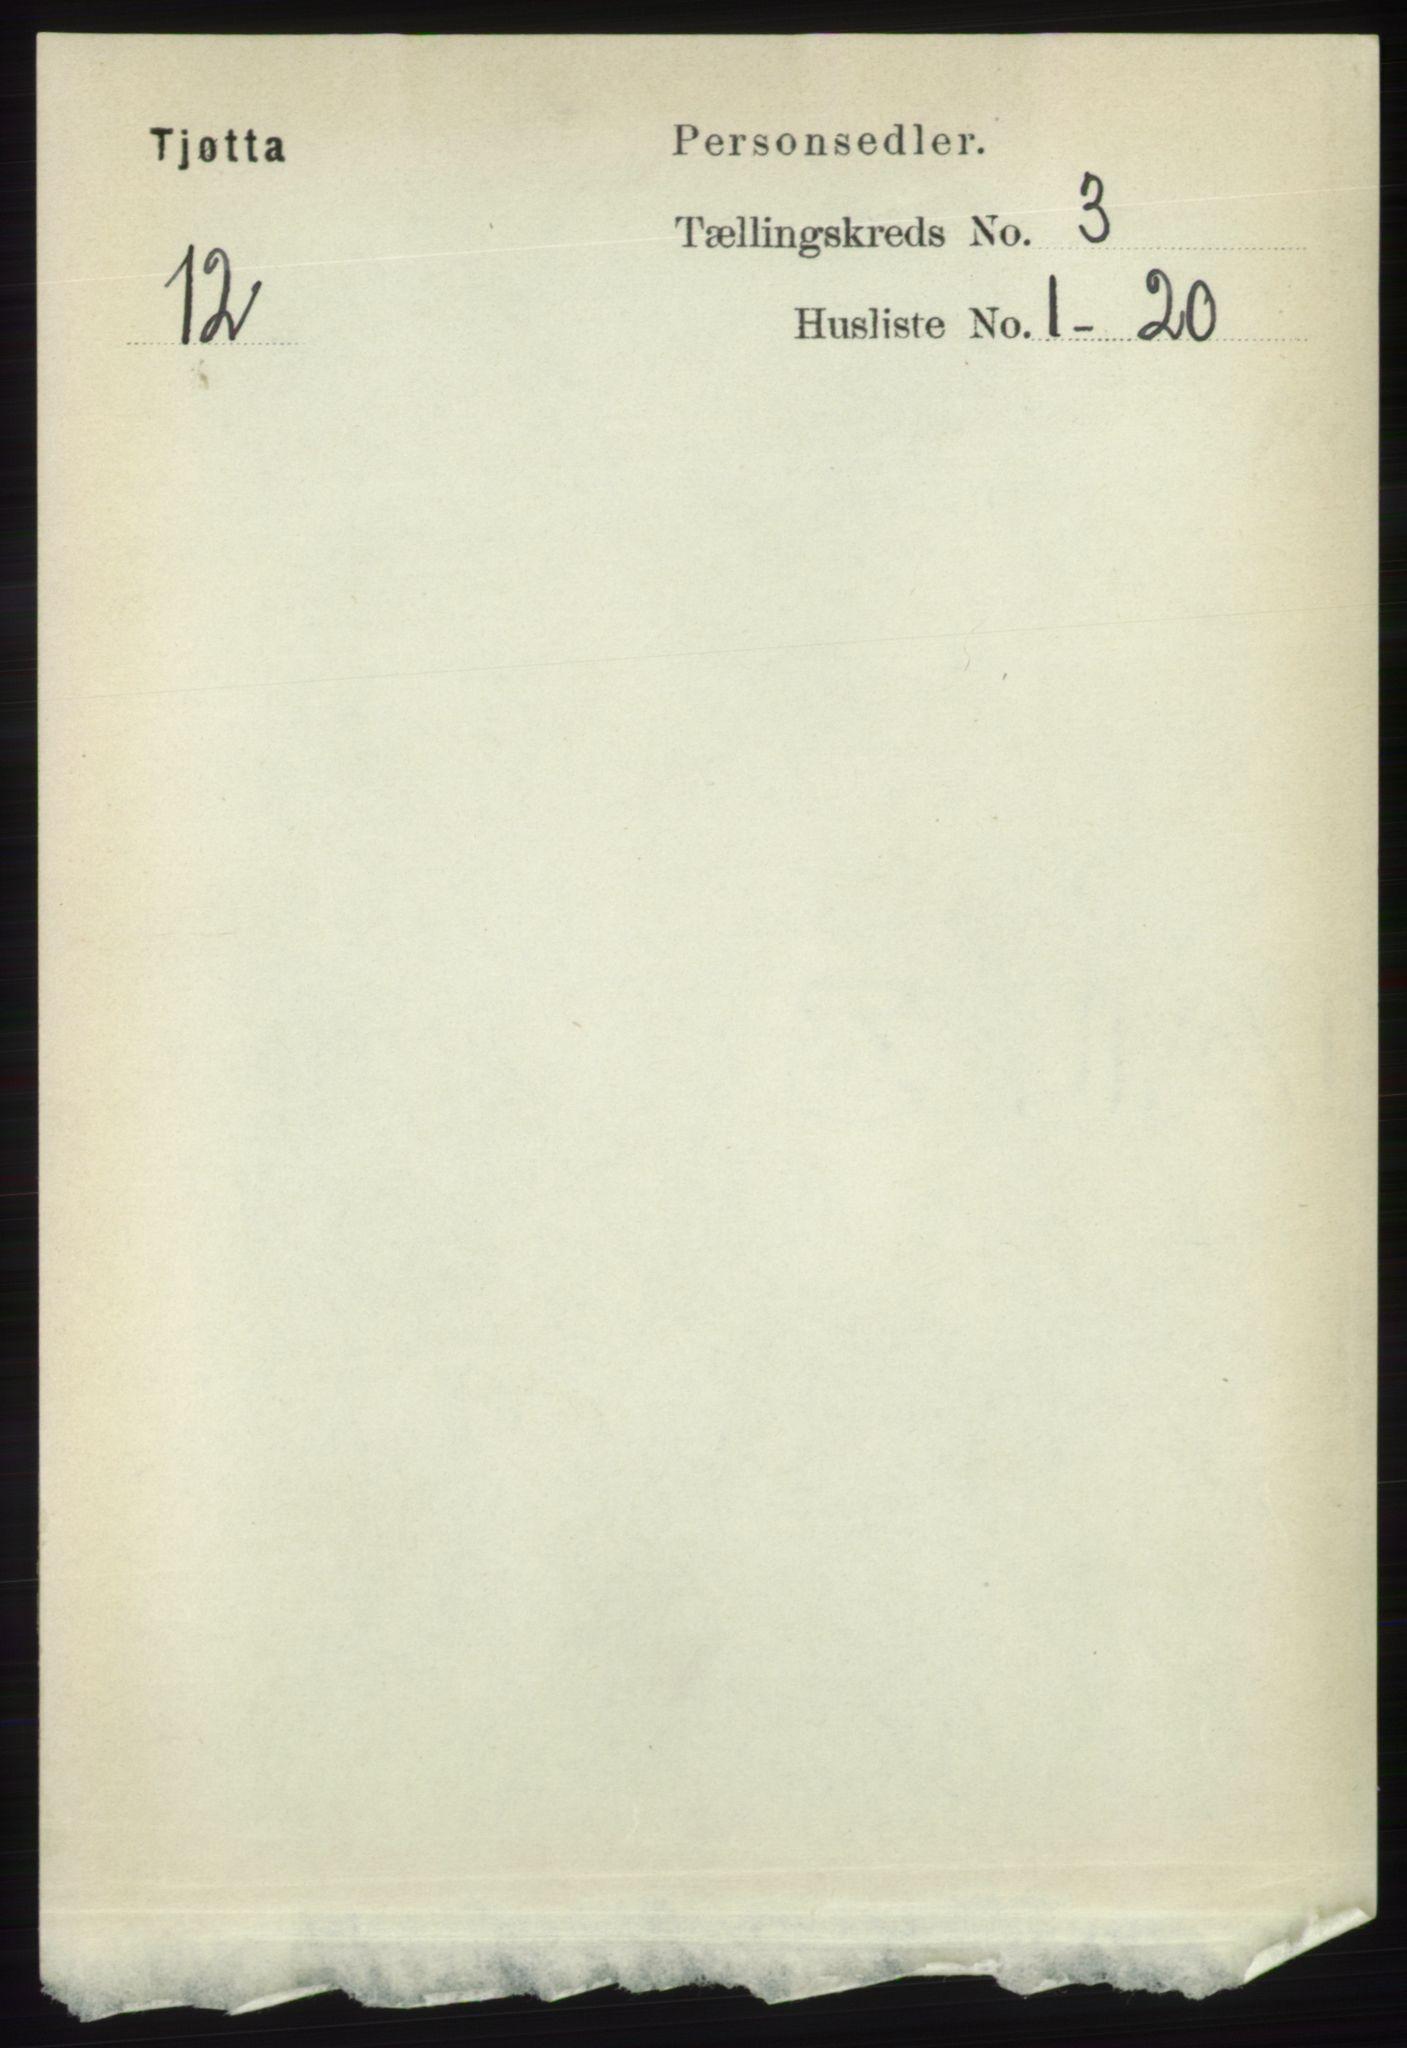 RA, Folketelling 1891 for 1817 Tjøtta herred, 1891, s. 1405